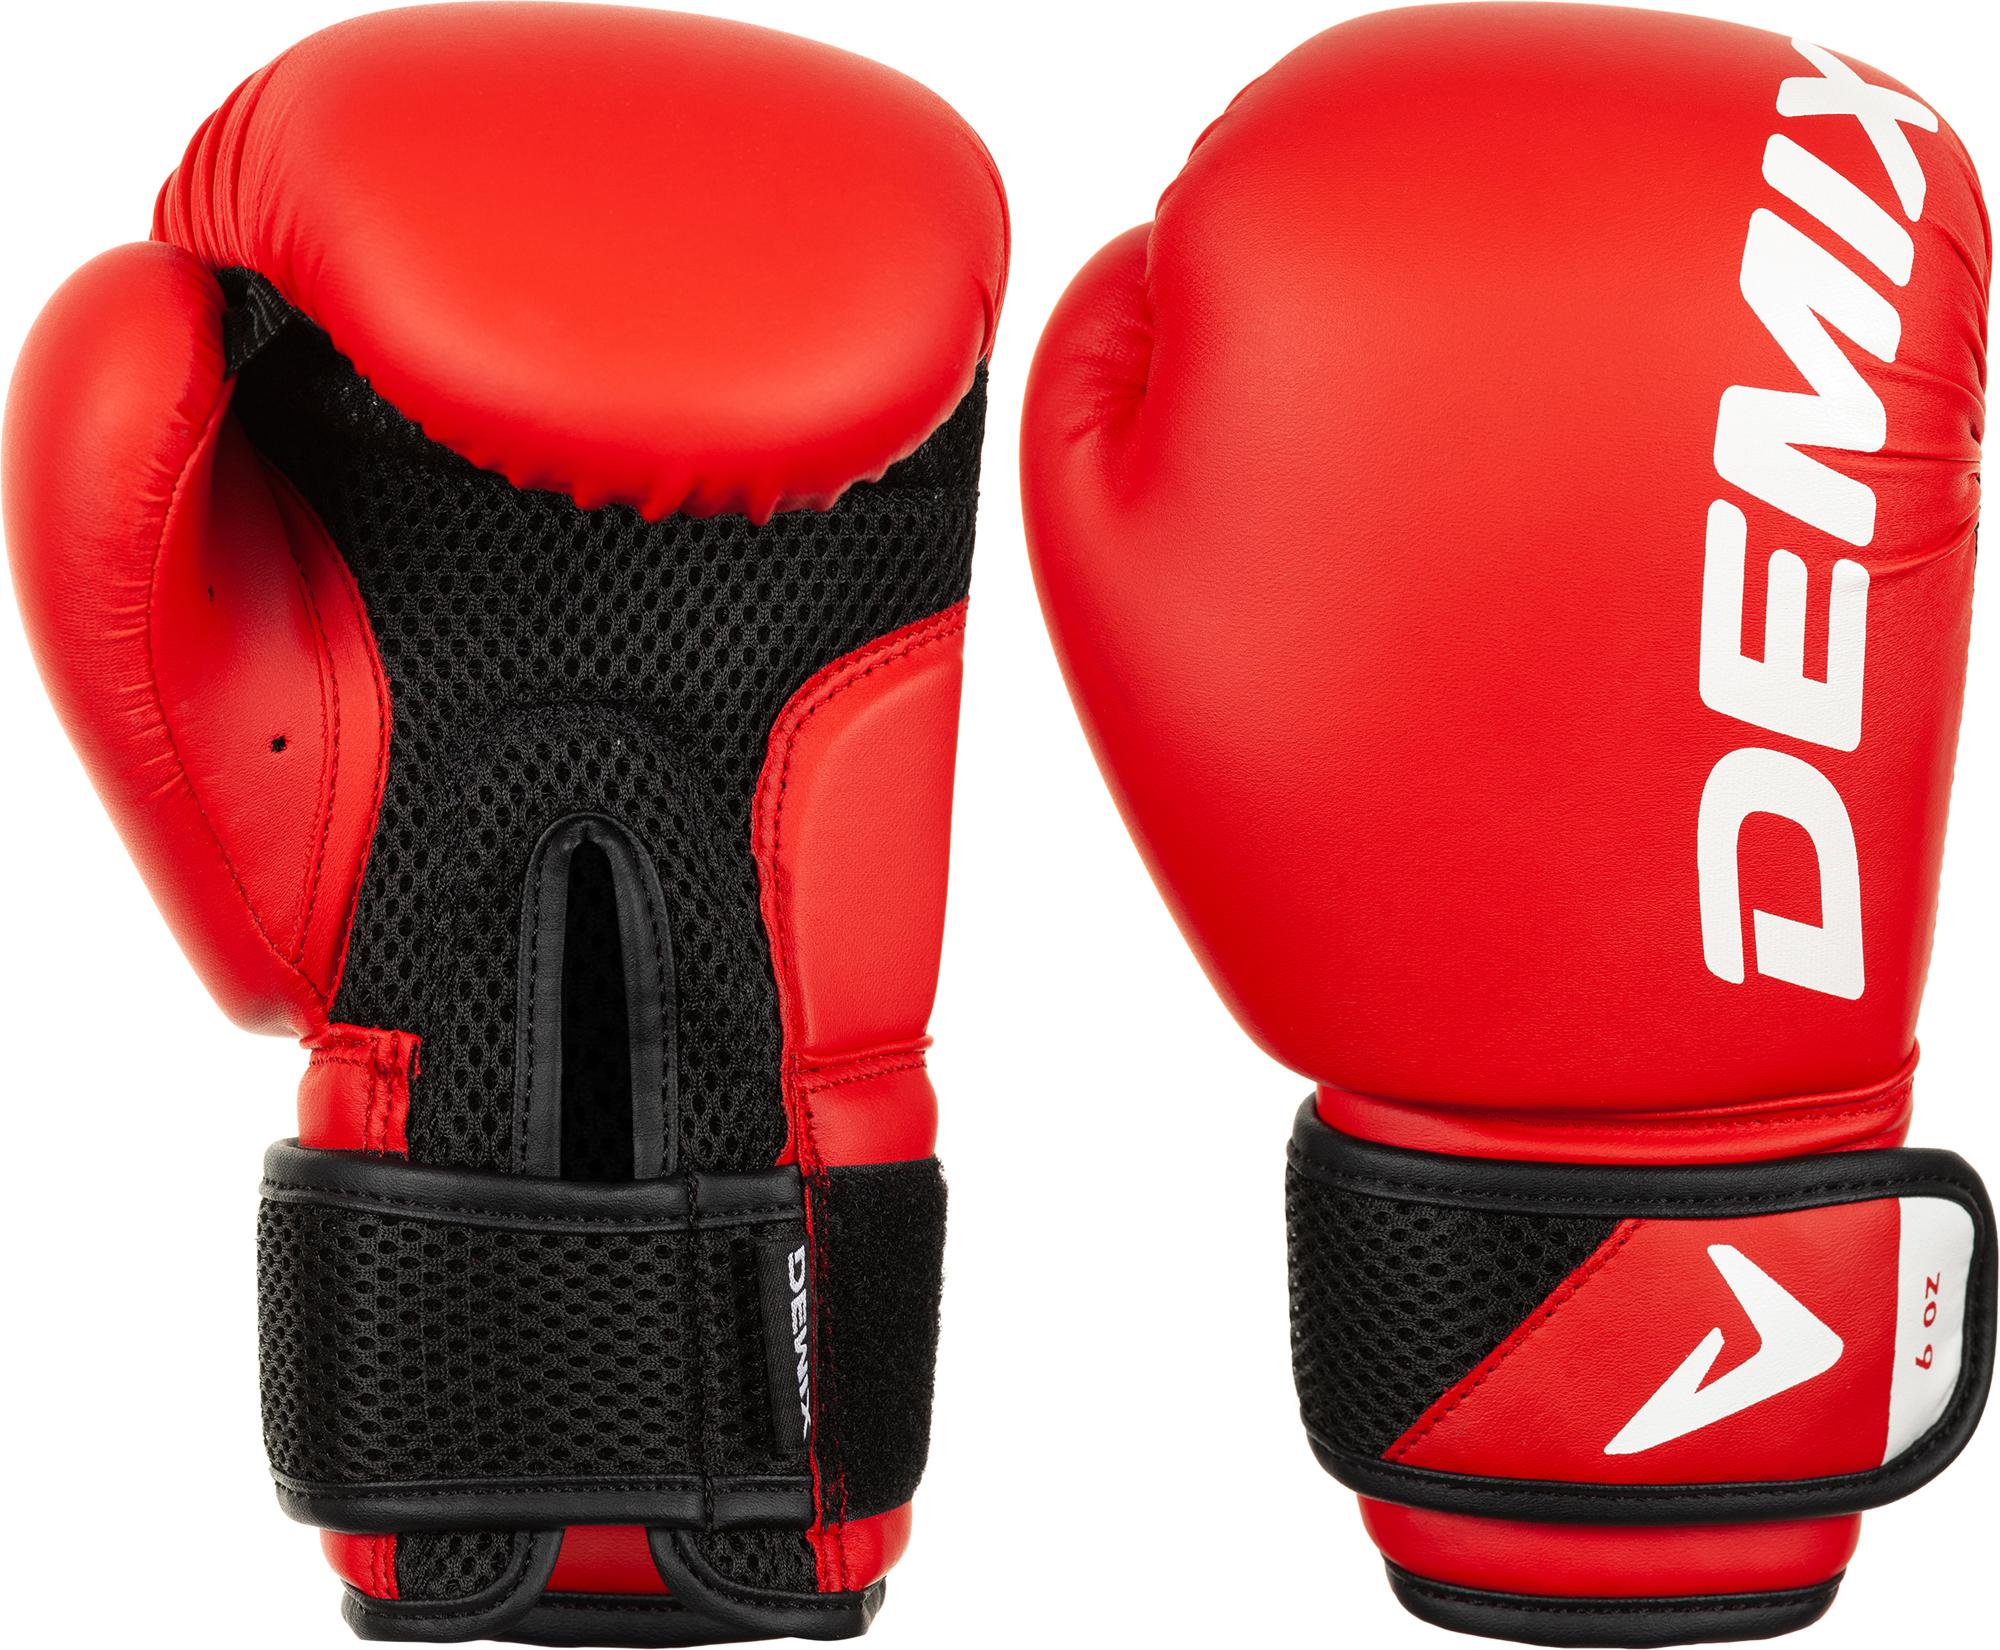 Demix Перчатки боксерские детские Demix, размер 6 oz цена